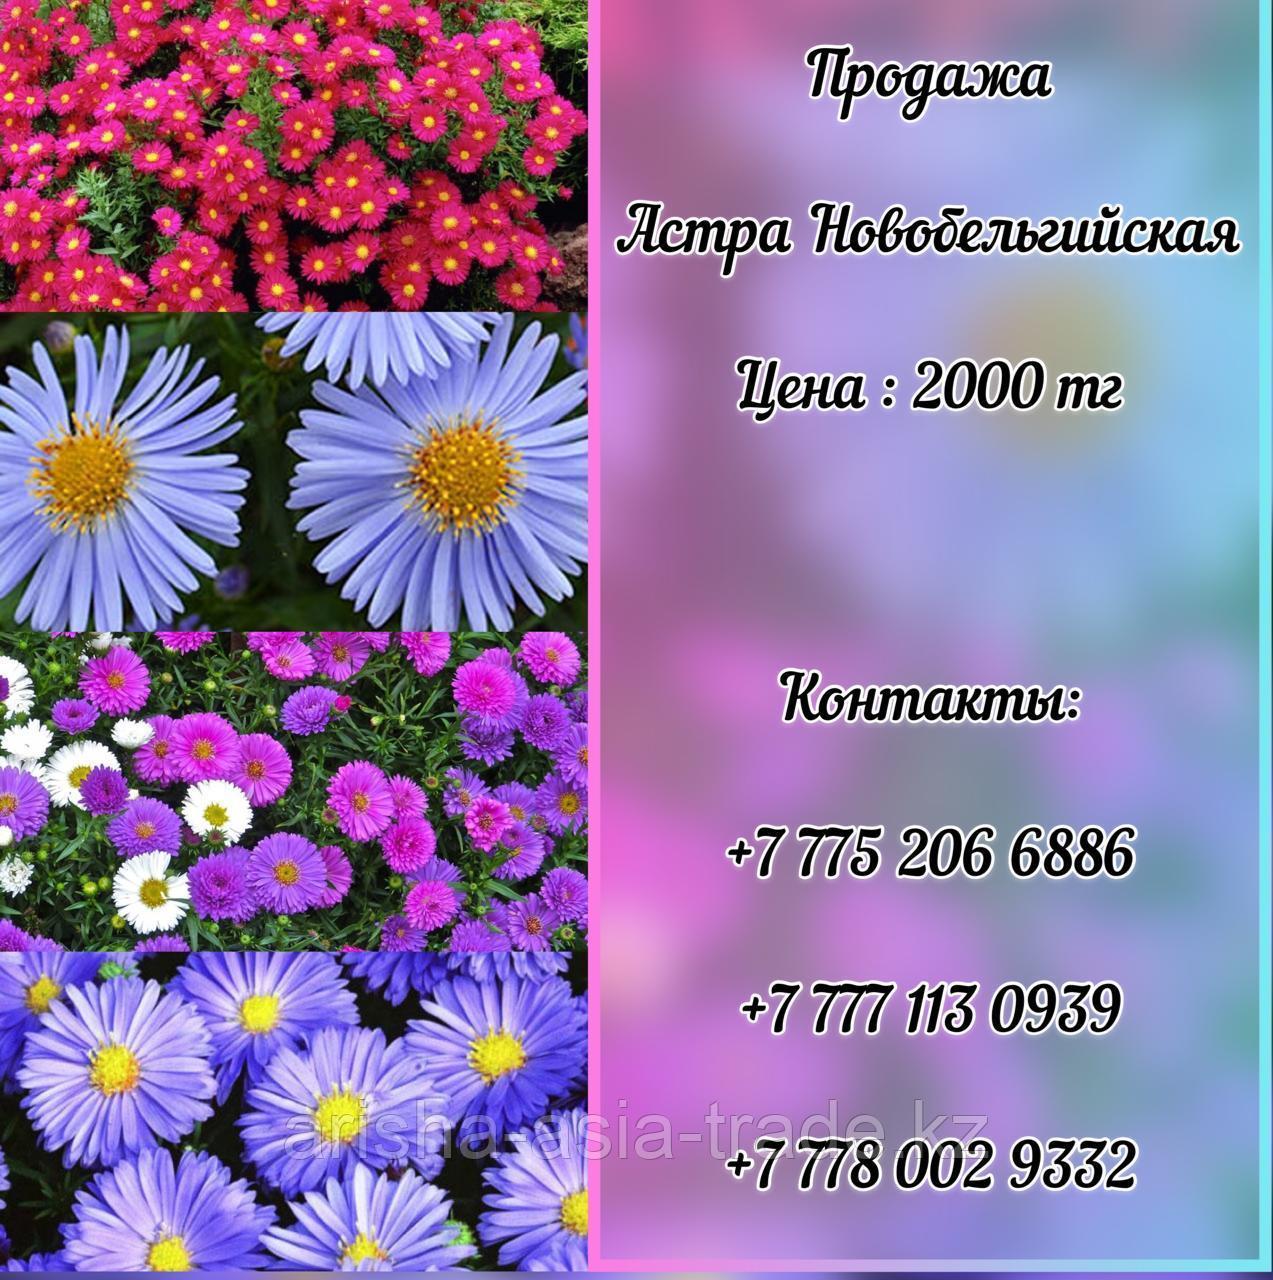 Цветы Астра Новобельгийская.